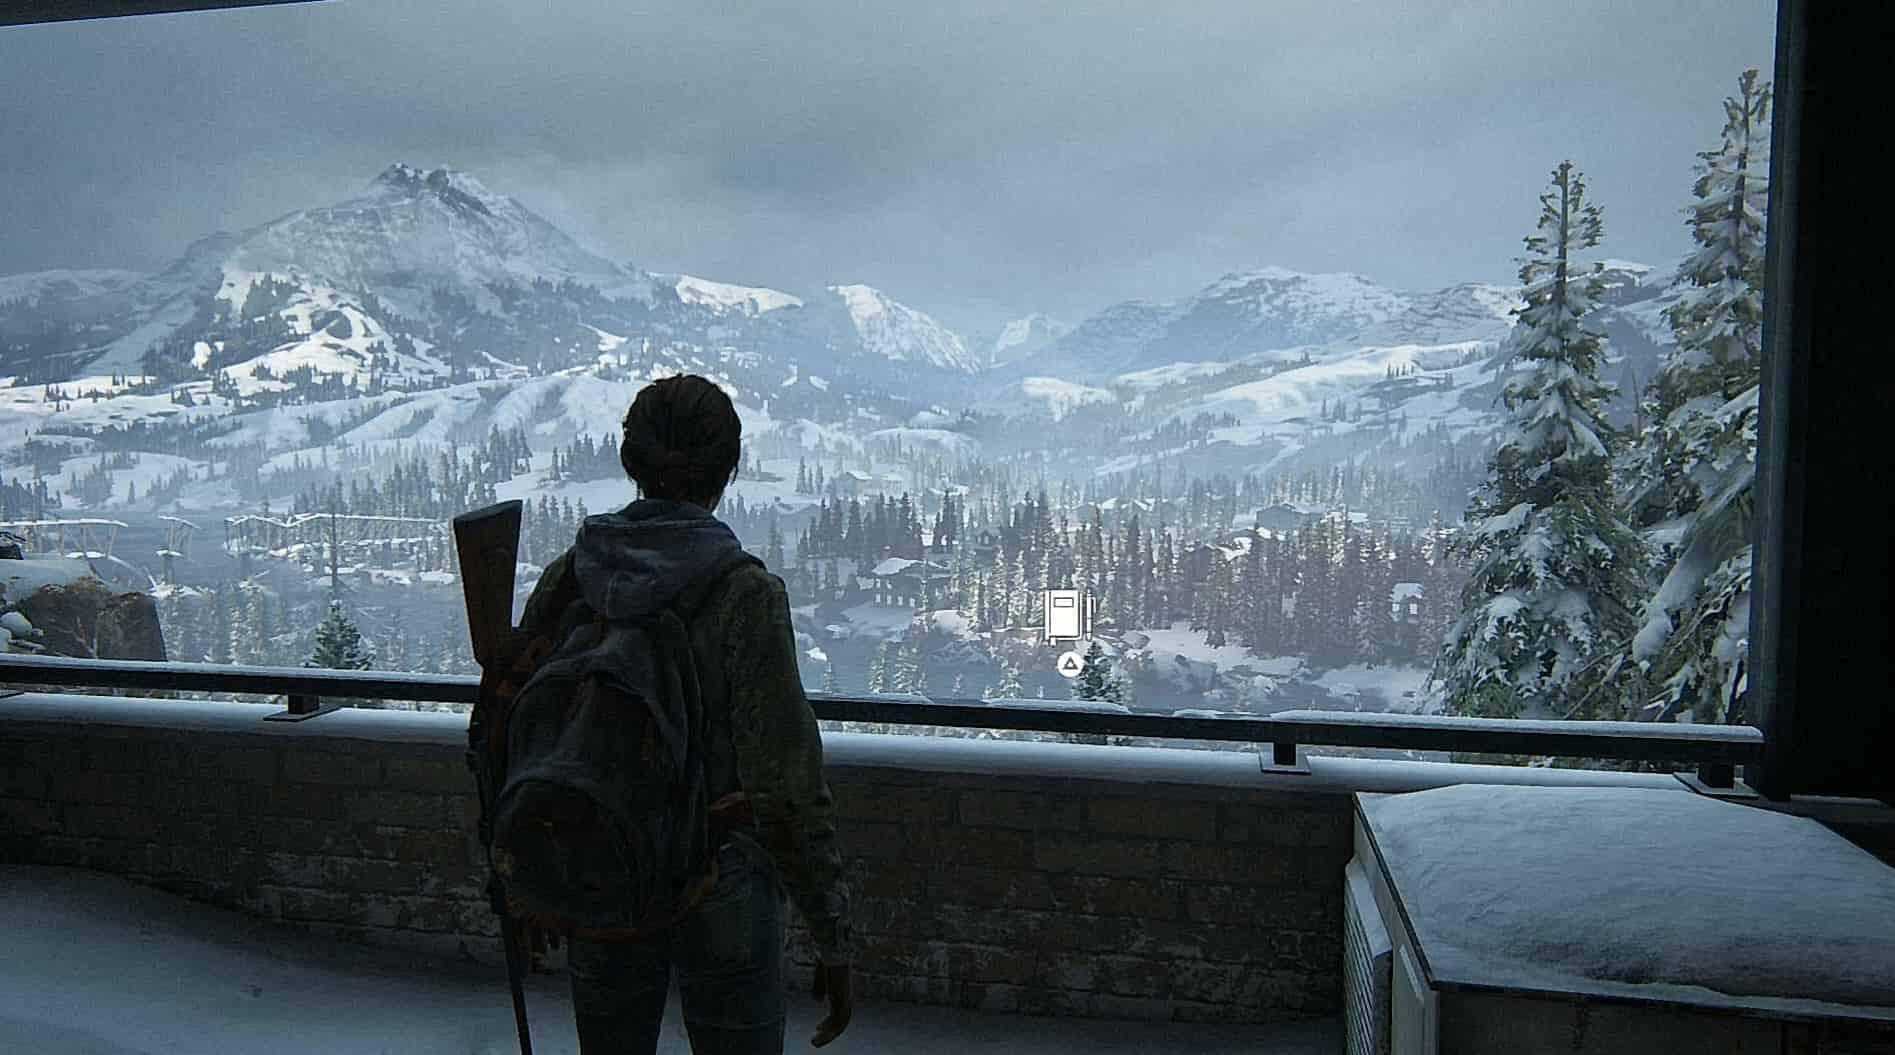 the last of us part 2 journal entry locations 1 - The Last of Us Parte 2 - Guida alla posizione di tutte le voci del diario